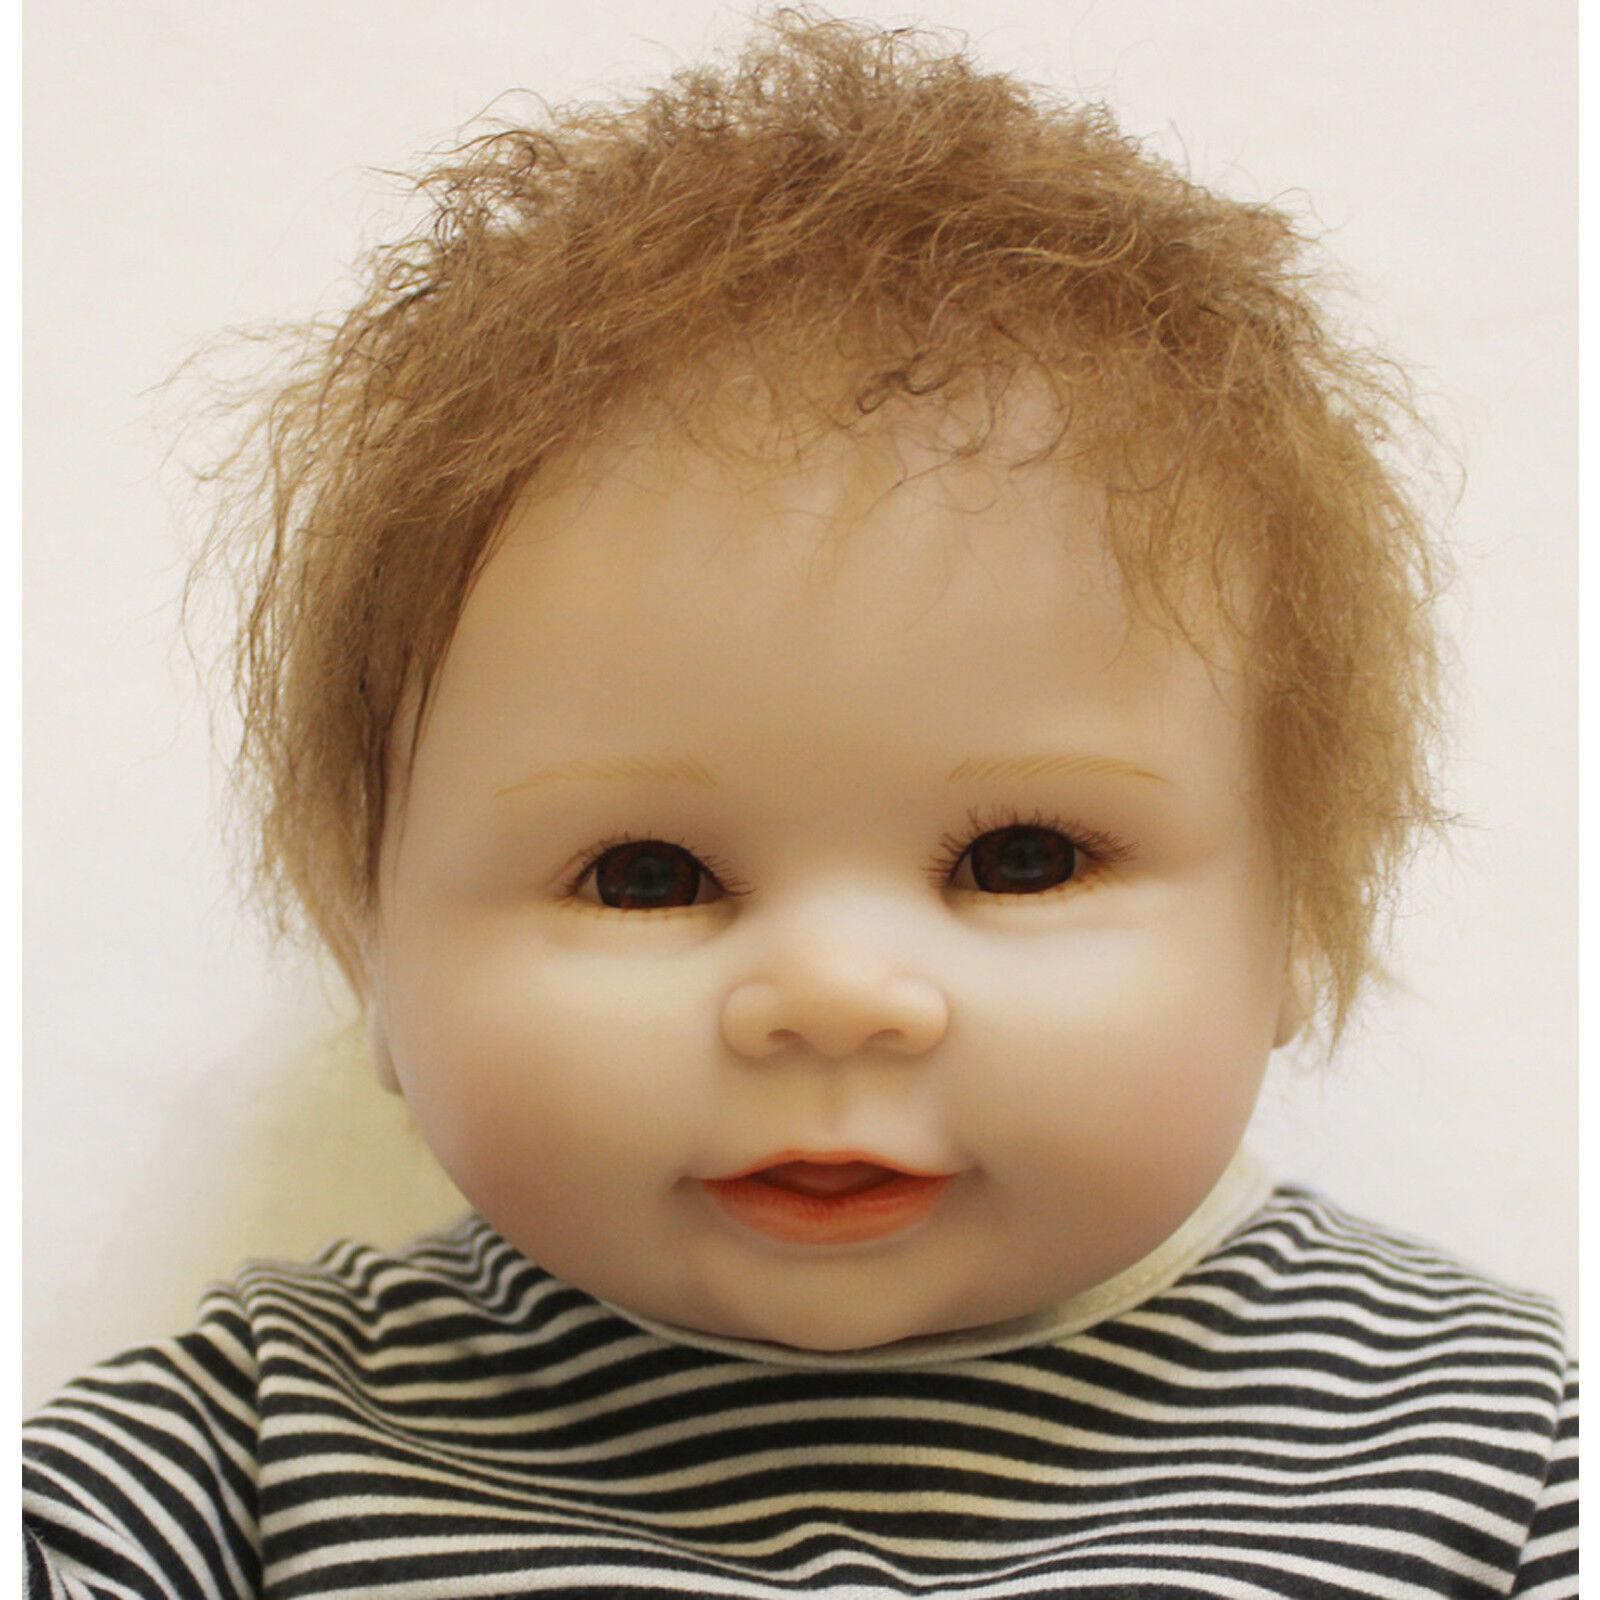 FULL Body Vinile Floppy SILICONE Reborn Doll Bambino realistica Bambola morbida neonato